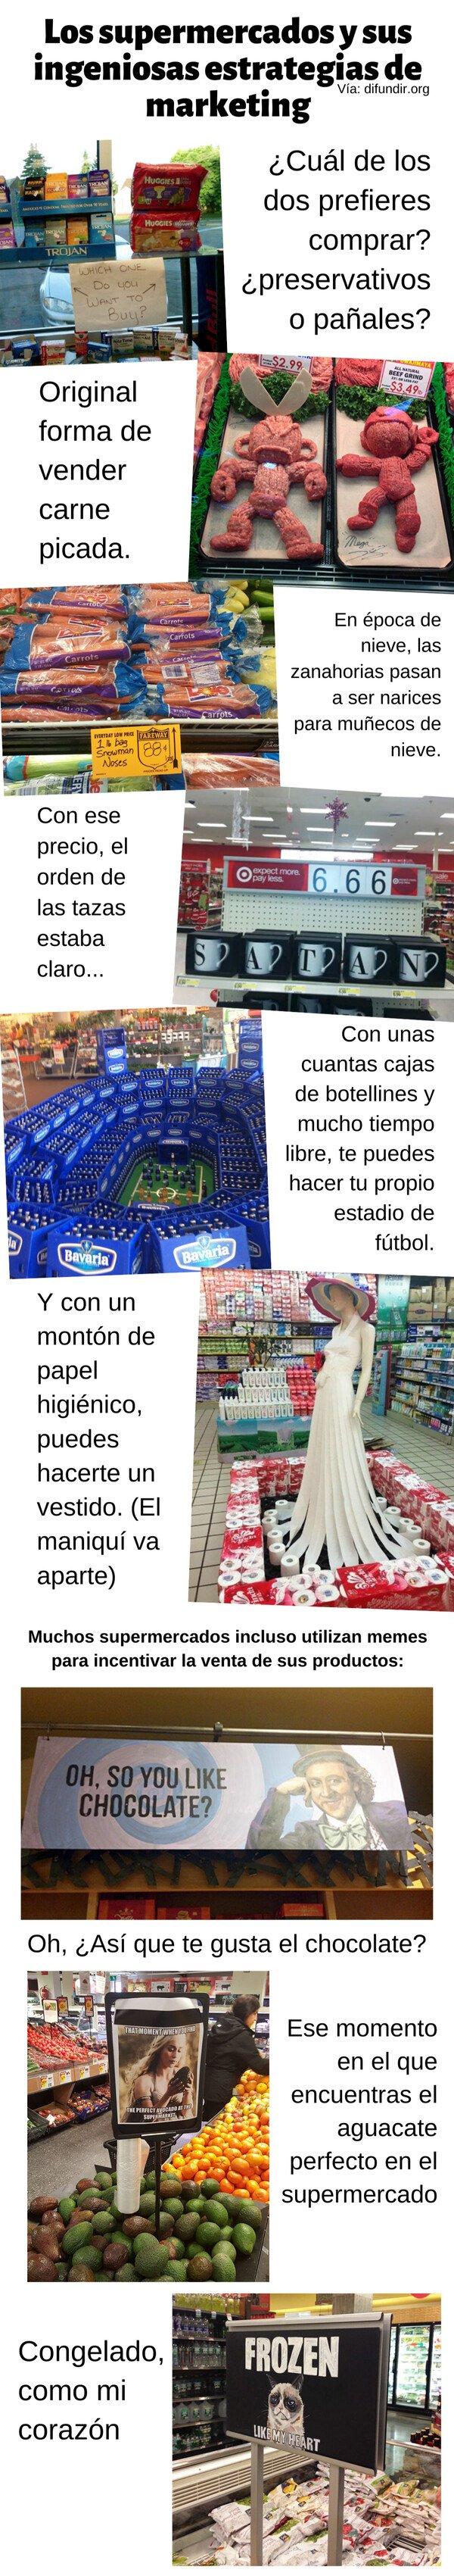 Otros - Supermercados y sus ingeniosas estrategias de marketing